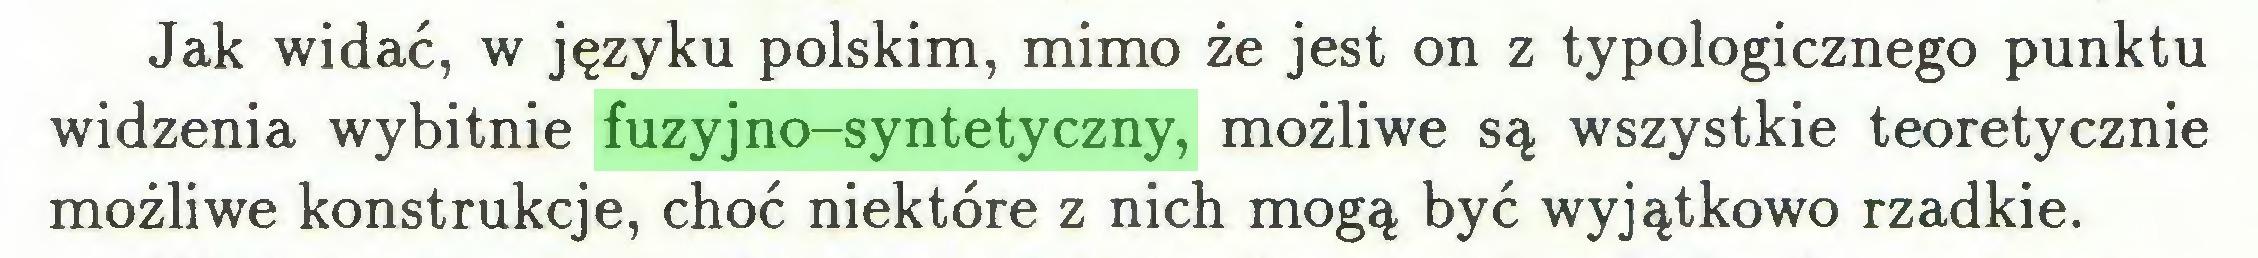 (...) Jak widać, w języku polskim, mimo że jest on z typologicznego punktu widzenia wybitnie fuzyjno-syntetyczny, możliwe są wszystkie teoretycznie możliwe konstrukcje, choć niektóre z nich mogą być wyjątkowo rzadkie...